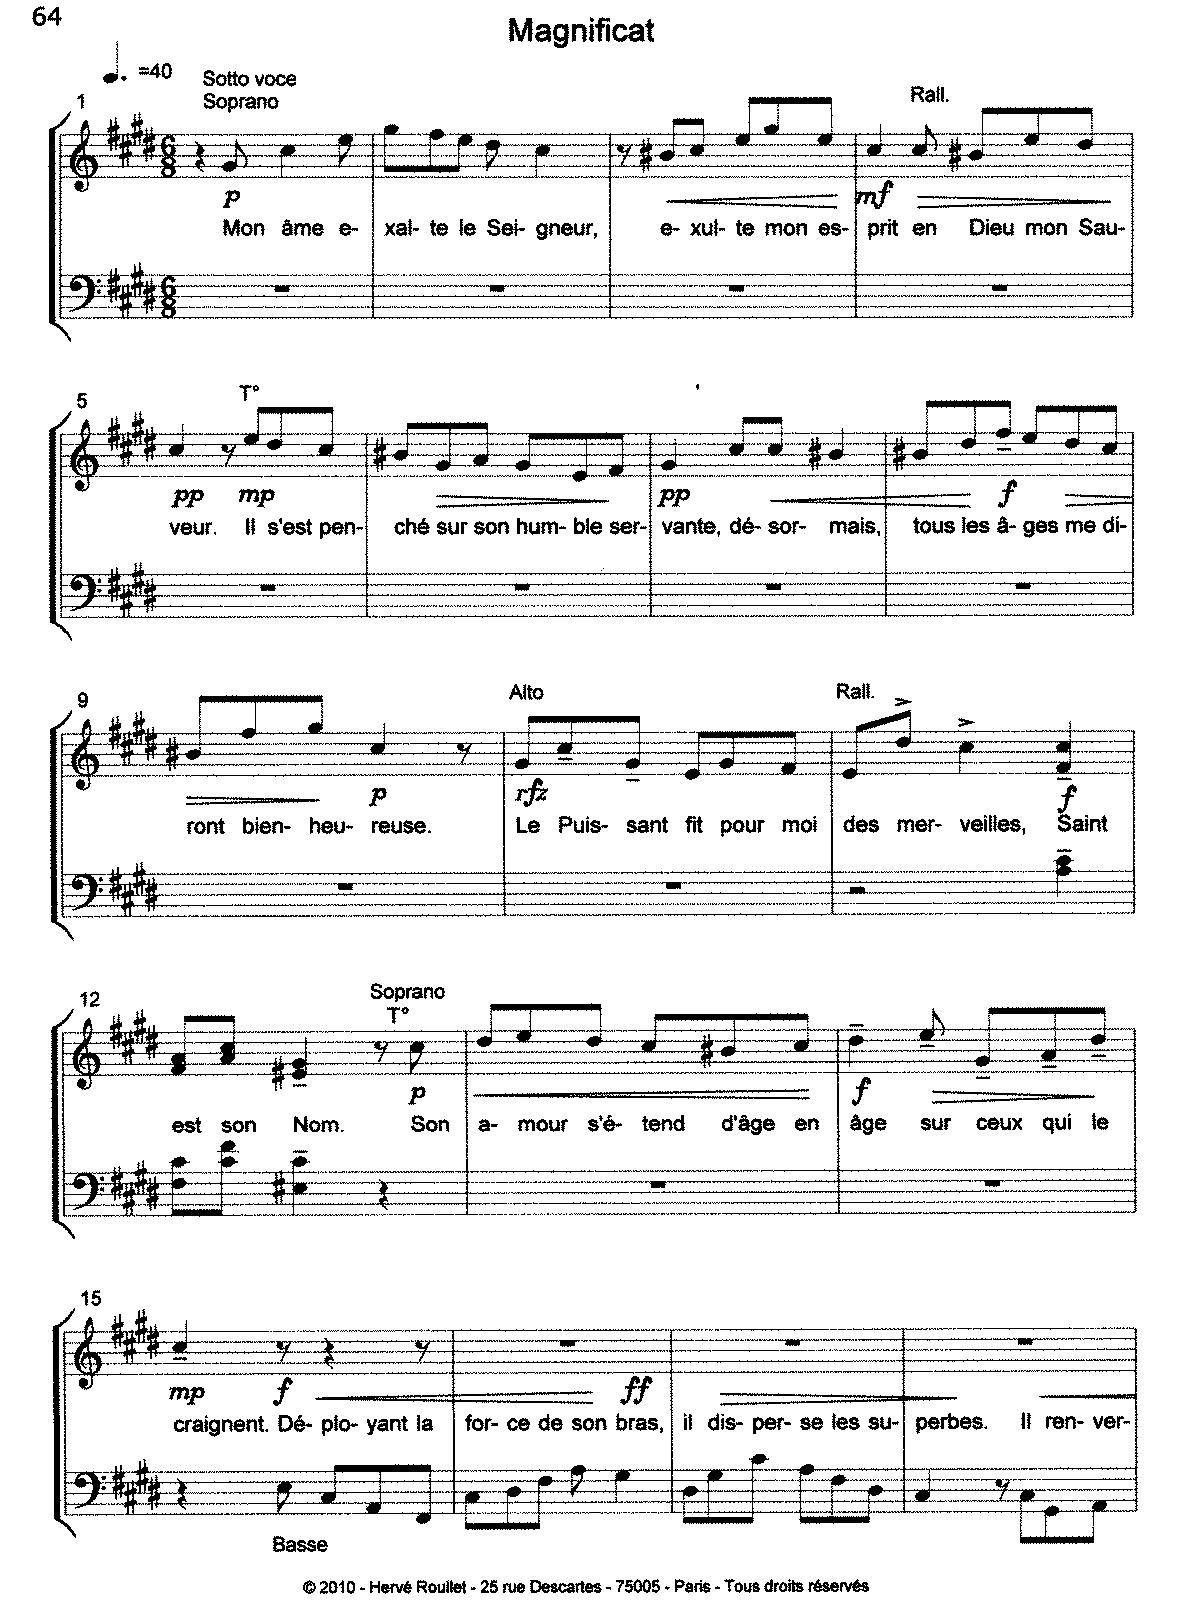 Magnificat, Op 59 (Roullet, Hervé) - IMSLP/Petrucci Music